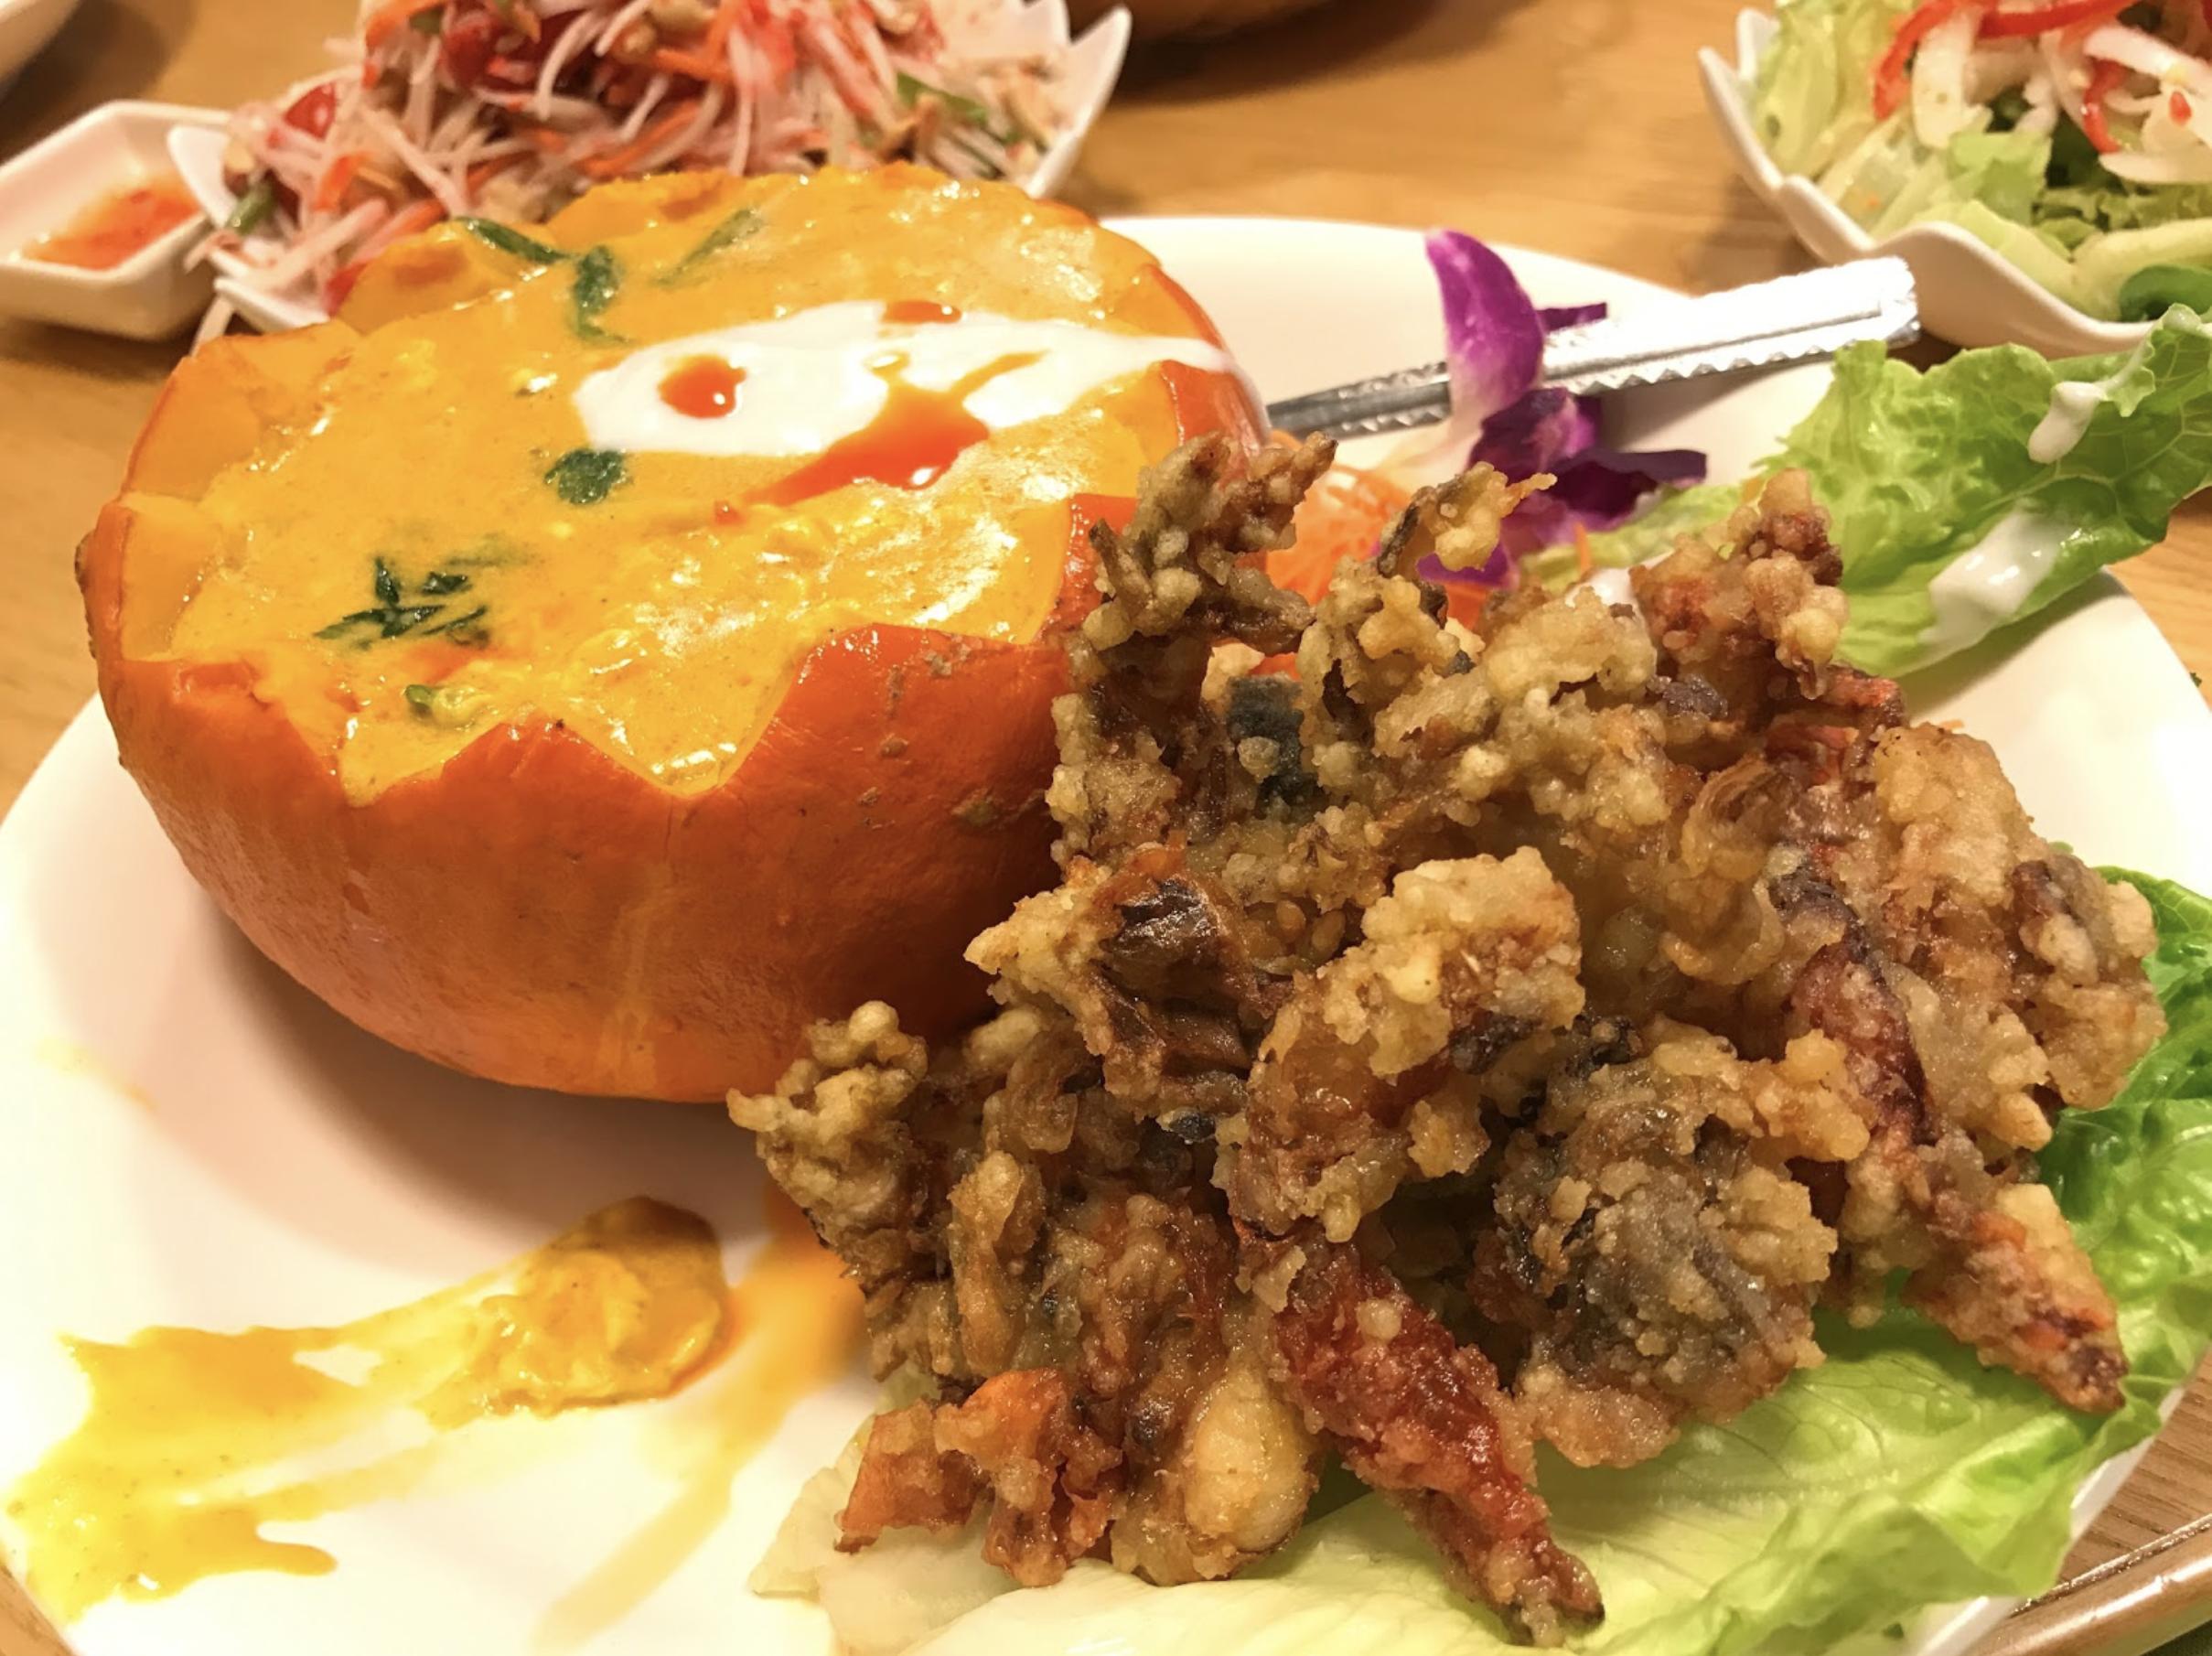 九龙城美食/泰象馆/咖哩汁浓郁偏甜,适合配饭配薄饼, 软壳蟹份量多,大约有六只至八只已开半的蟹。